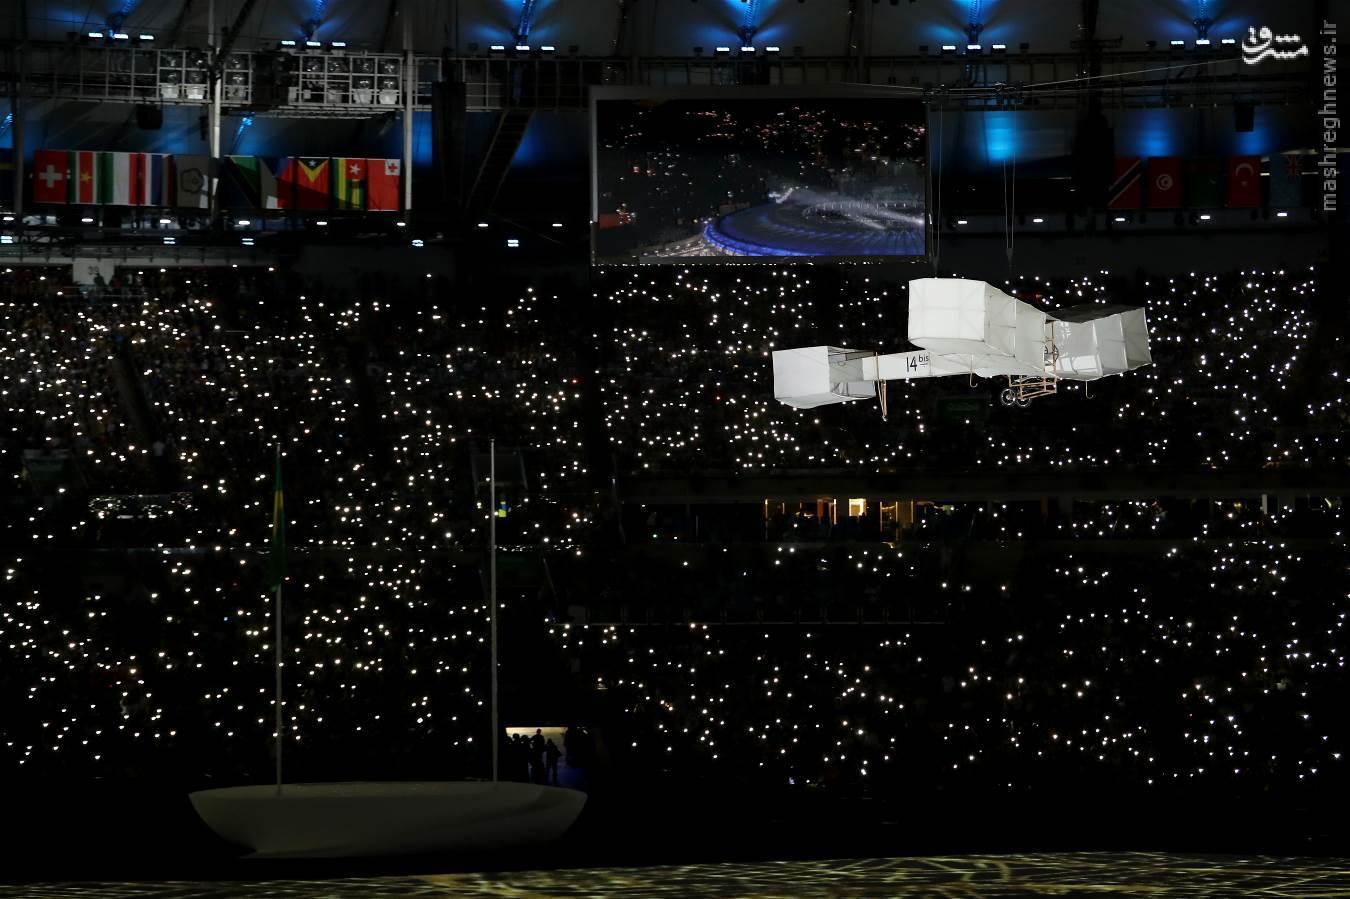 آغاز افتتاحیه المپیک سی و یکم/بزرگترین باغ جهان به تصویر کشیده شد +عکس